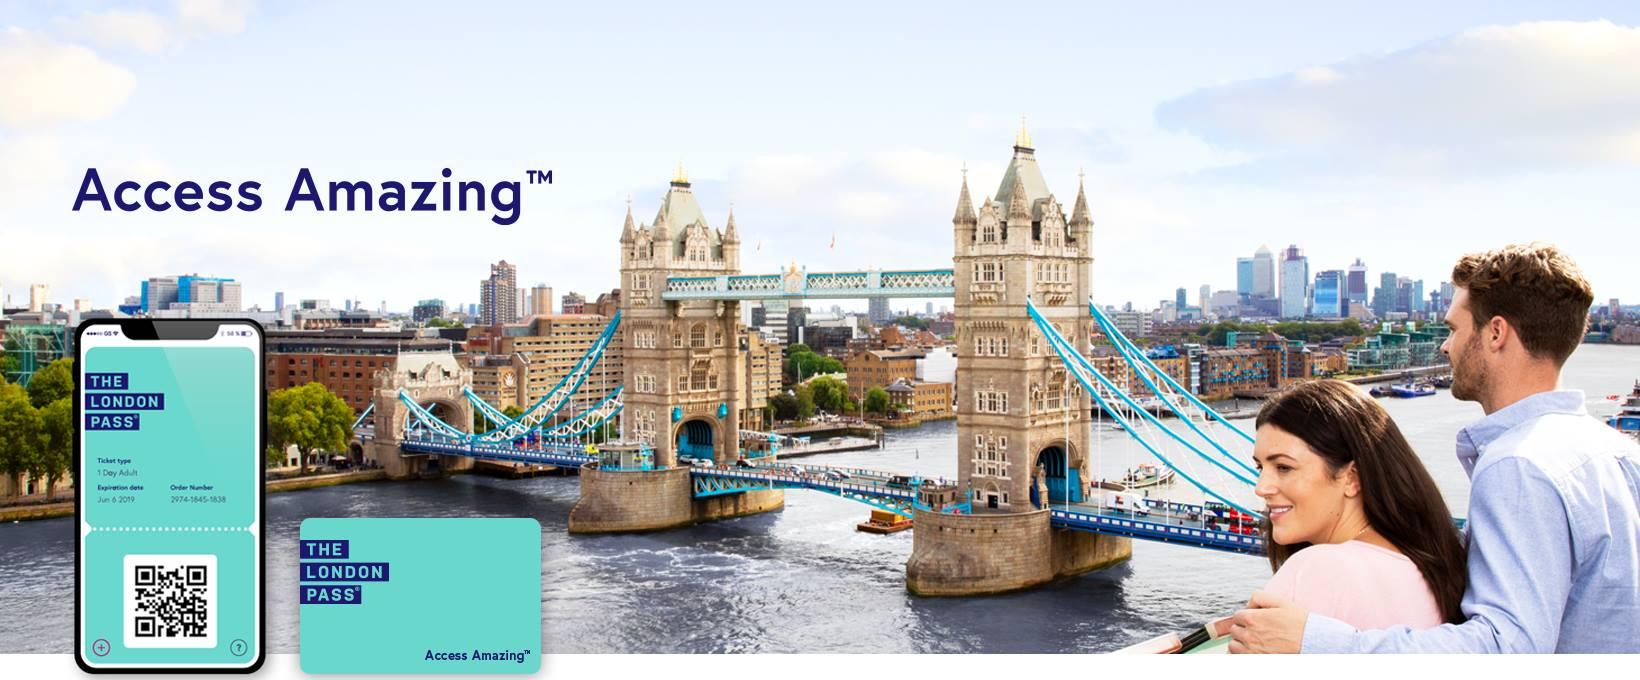 London Pass倫敦通行卡到底值不值得買?購買方式、效期、票價介紹